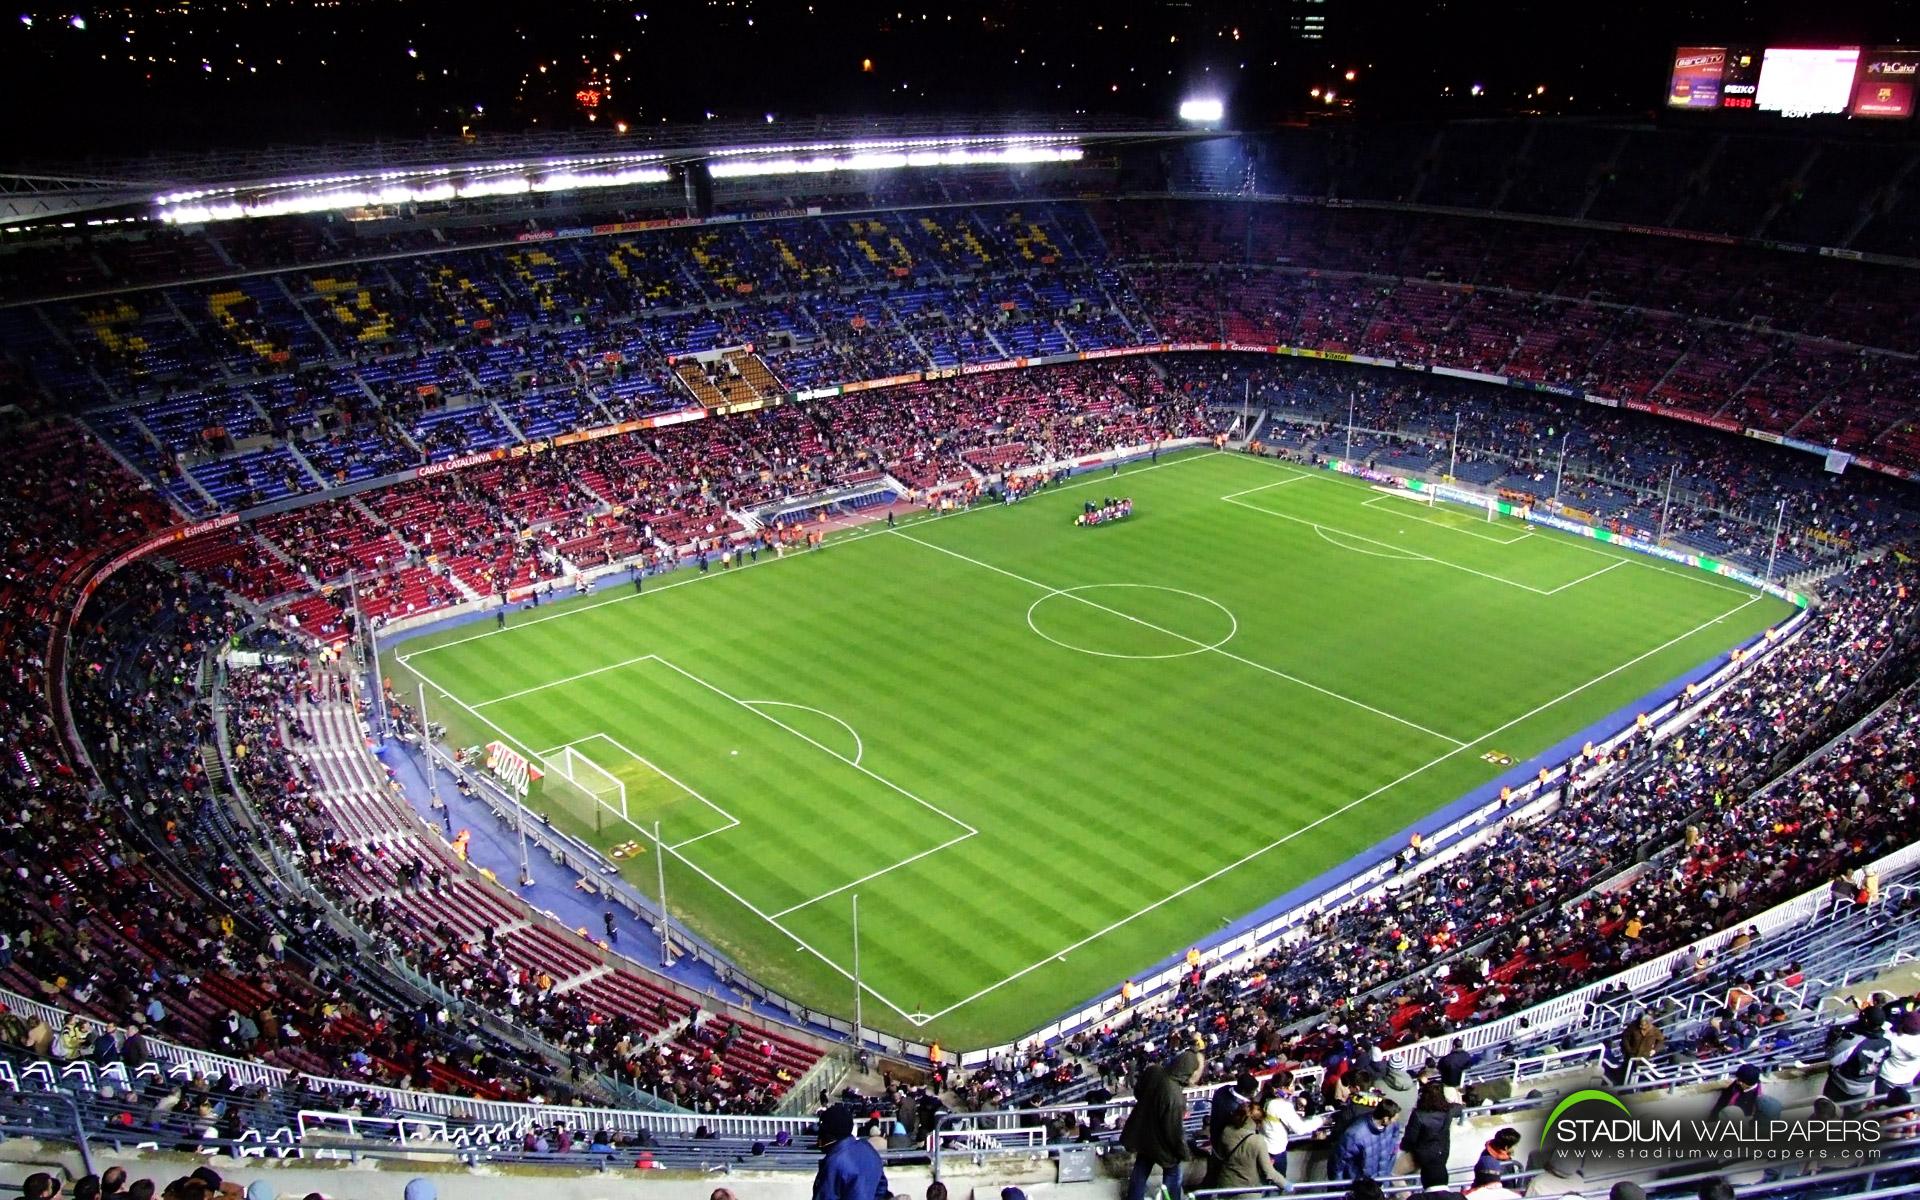 Camp Nou wallpaper 174180 1920x1200